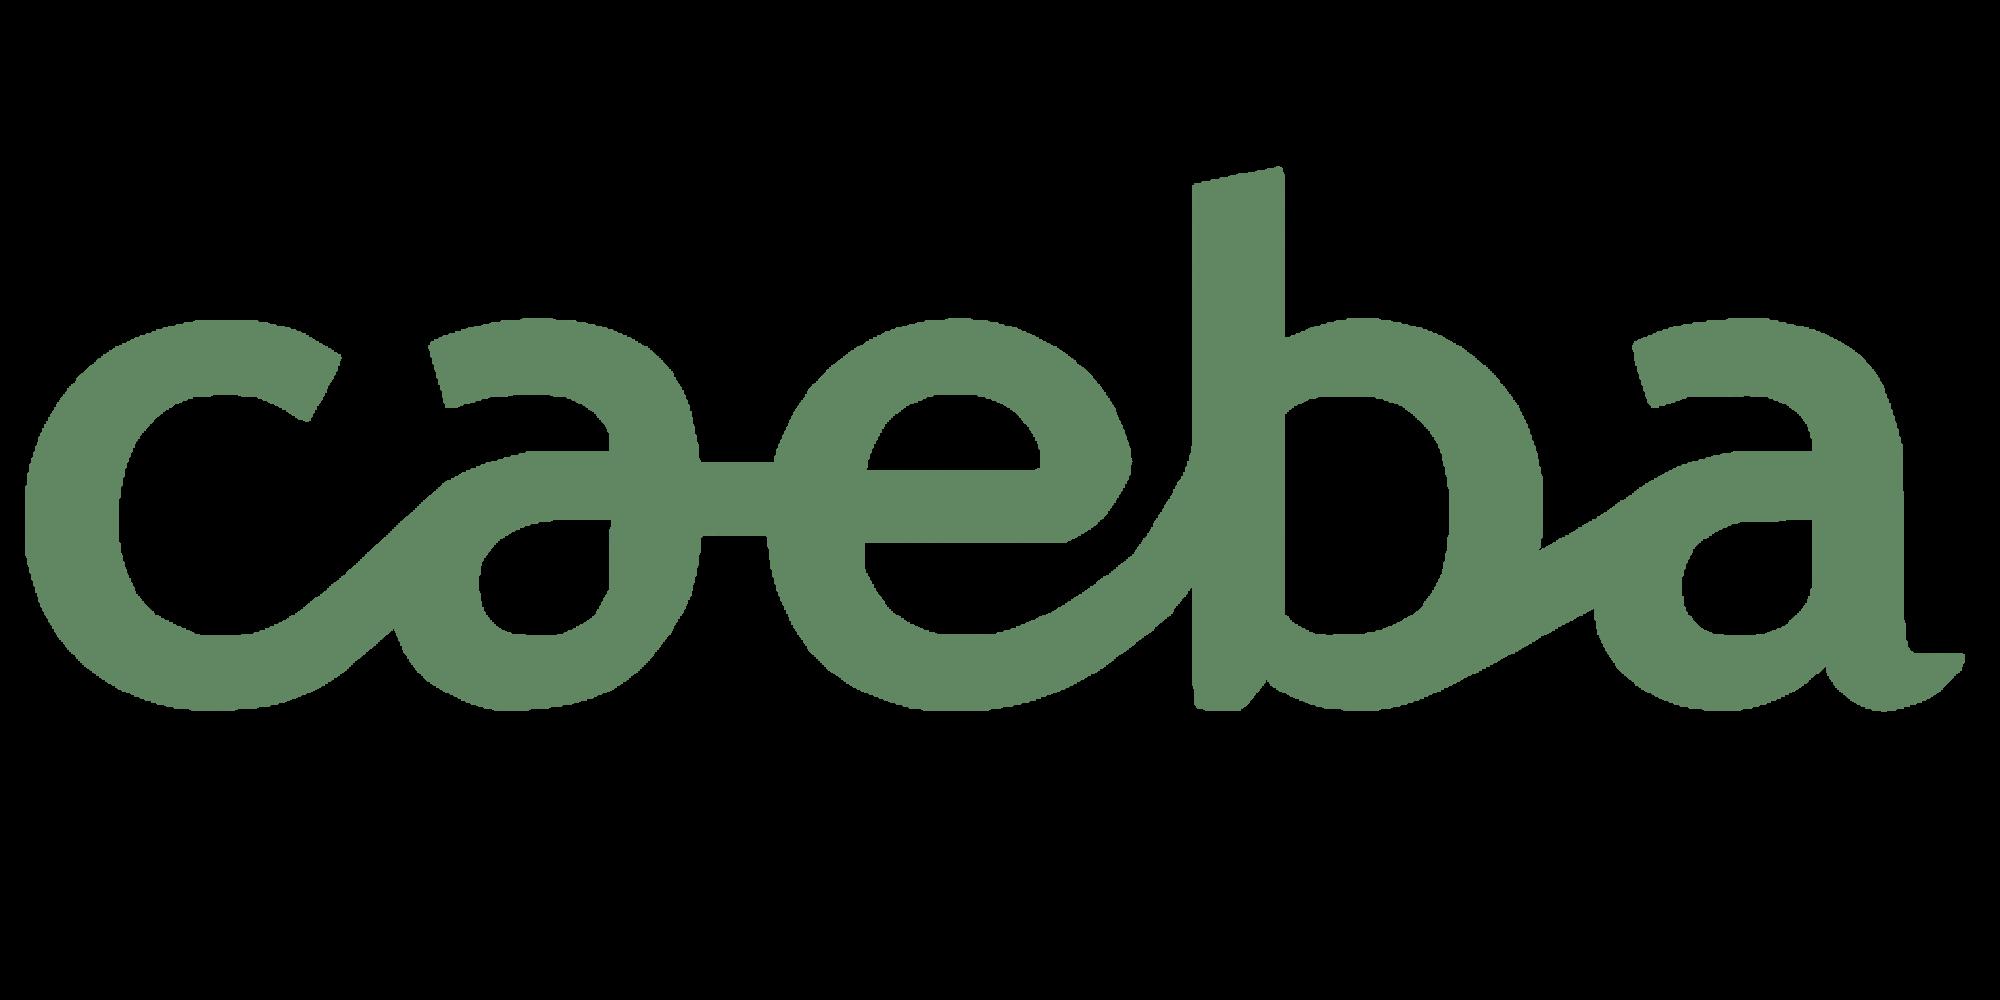 caeba 2.0